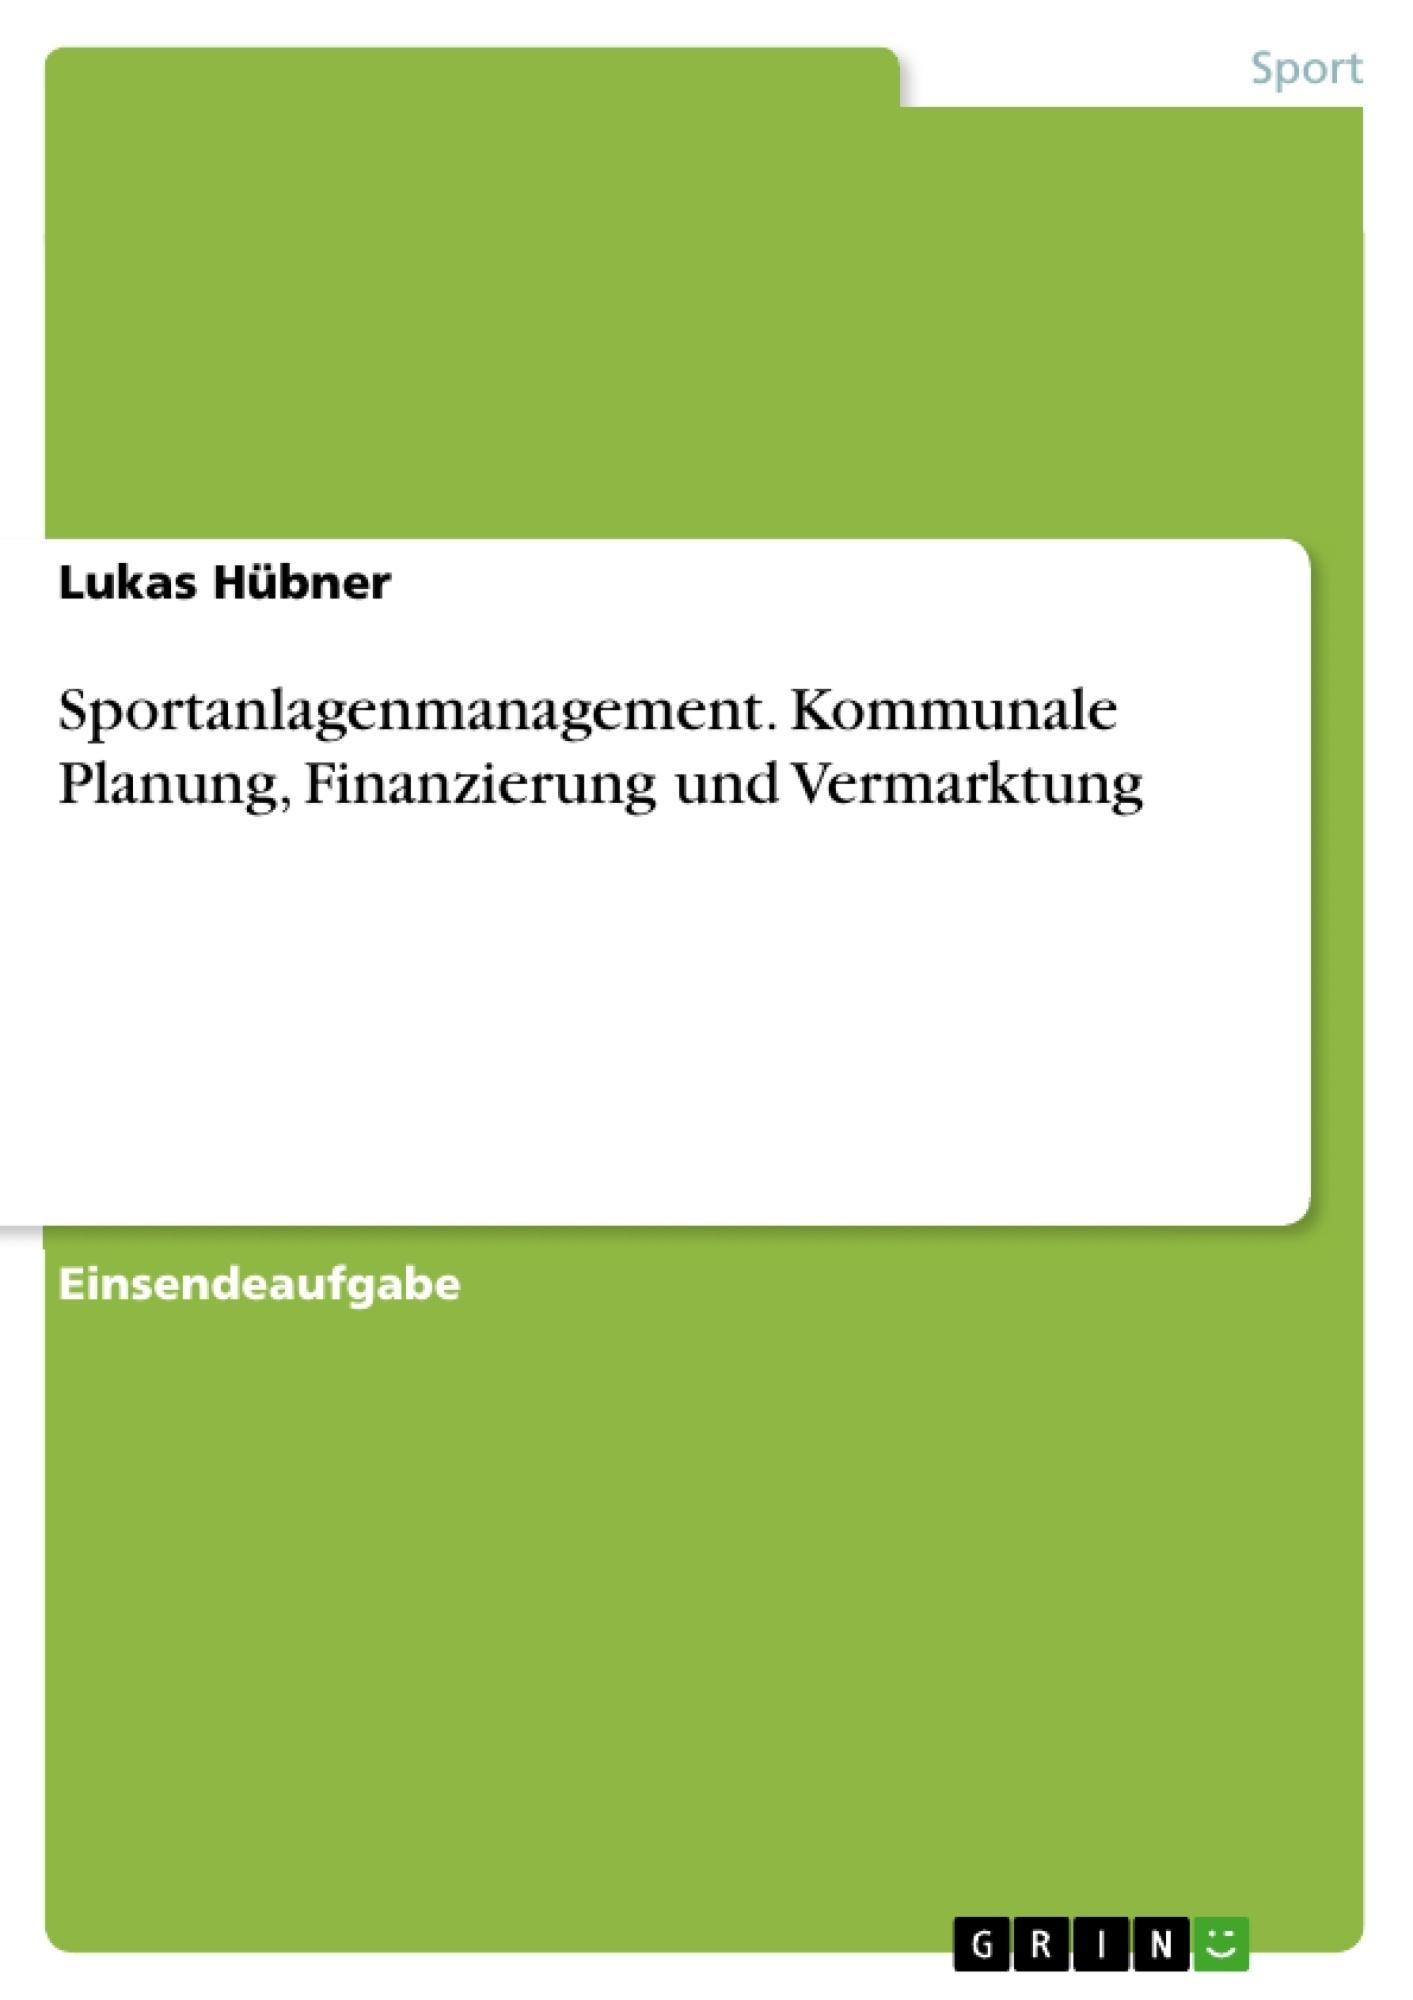 Titel: Sportanlagenmanagement. Kommunale Planung, Finanzierung und Vermarktung